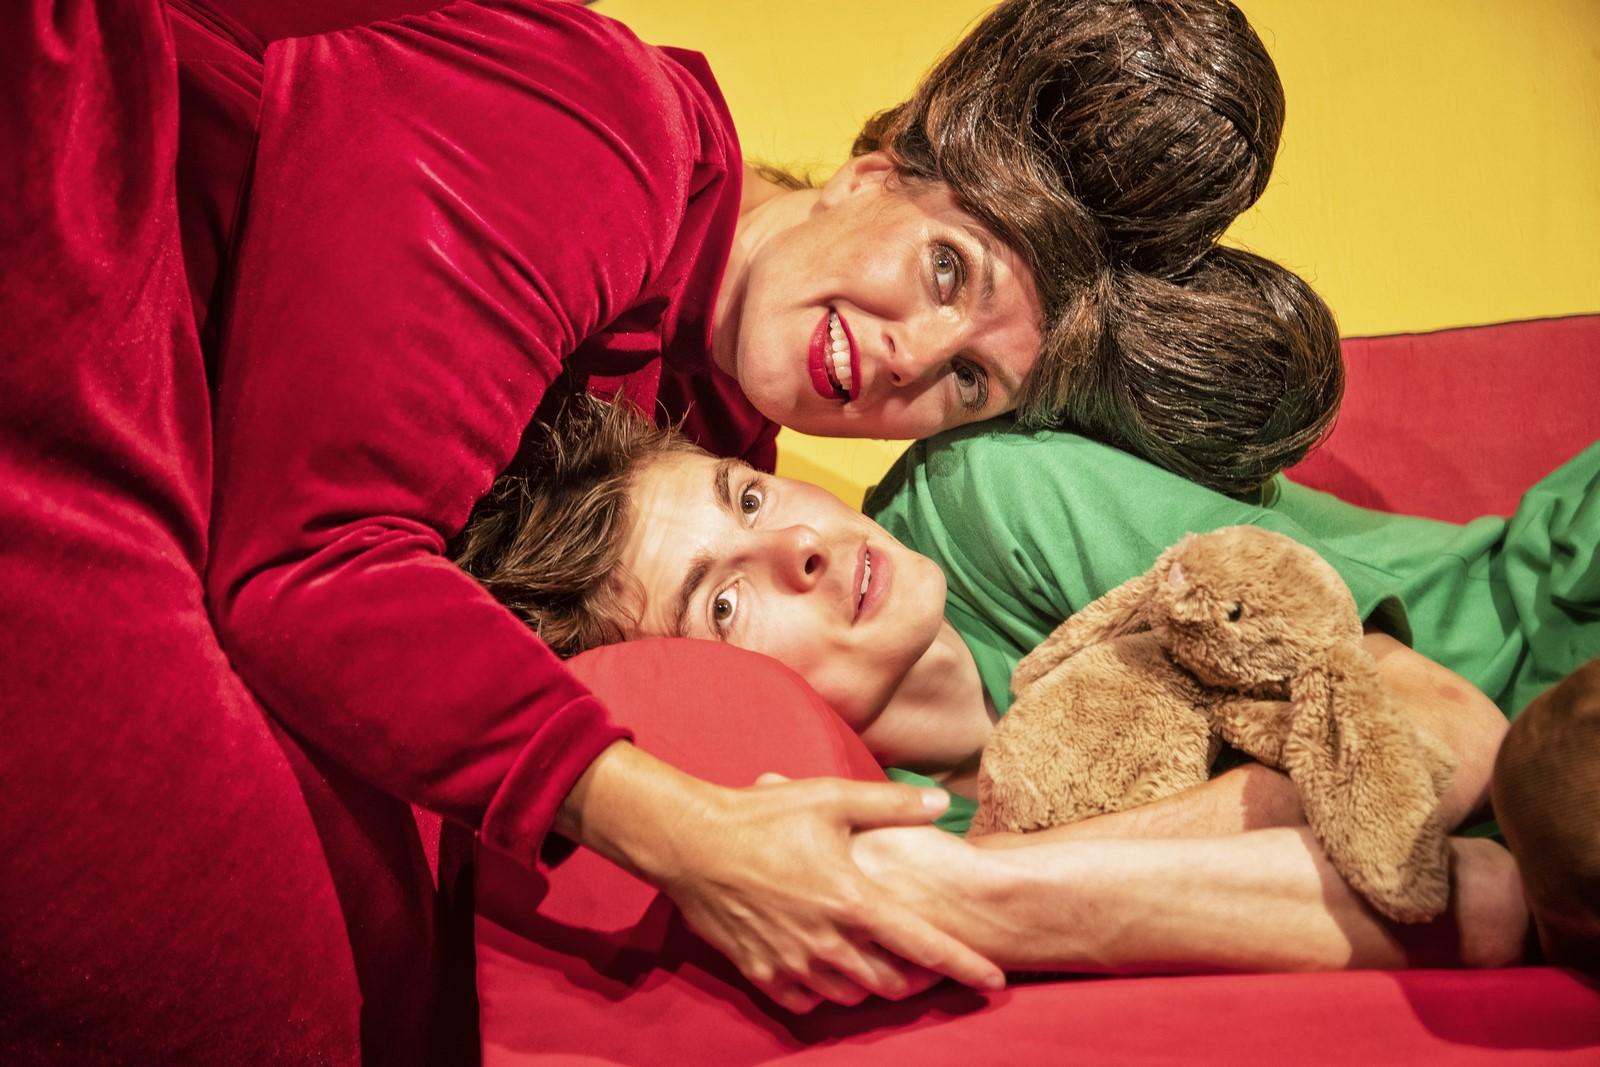 Anmeldelse: Mor, Anemonen (Anemonen, Teatret st.tv. og Nørregaards Teater)